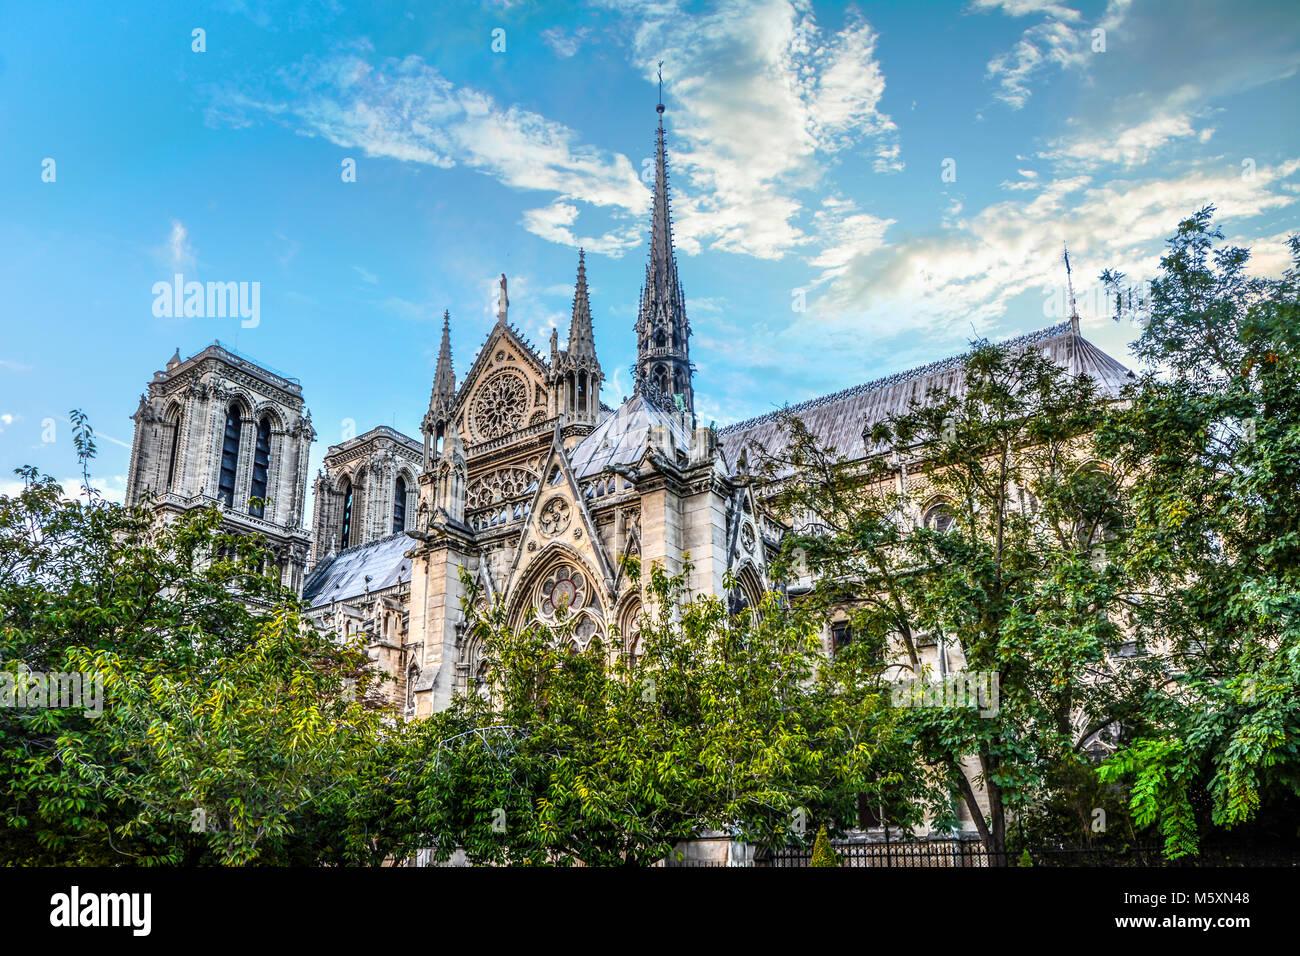 Die reich verzierte gotische Architektur und Türme auf der Seite der Kathedrale Notre Dame, Paris Frankreich Stockbild